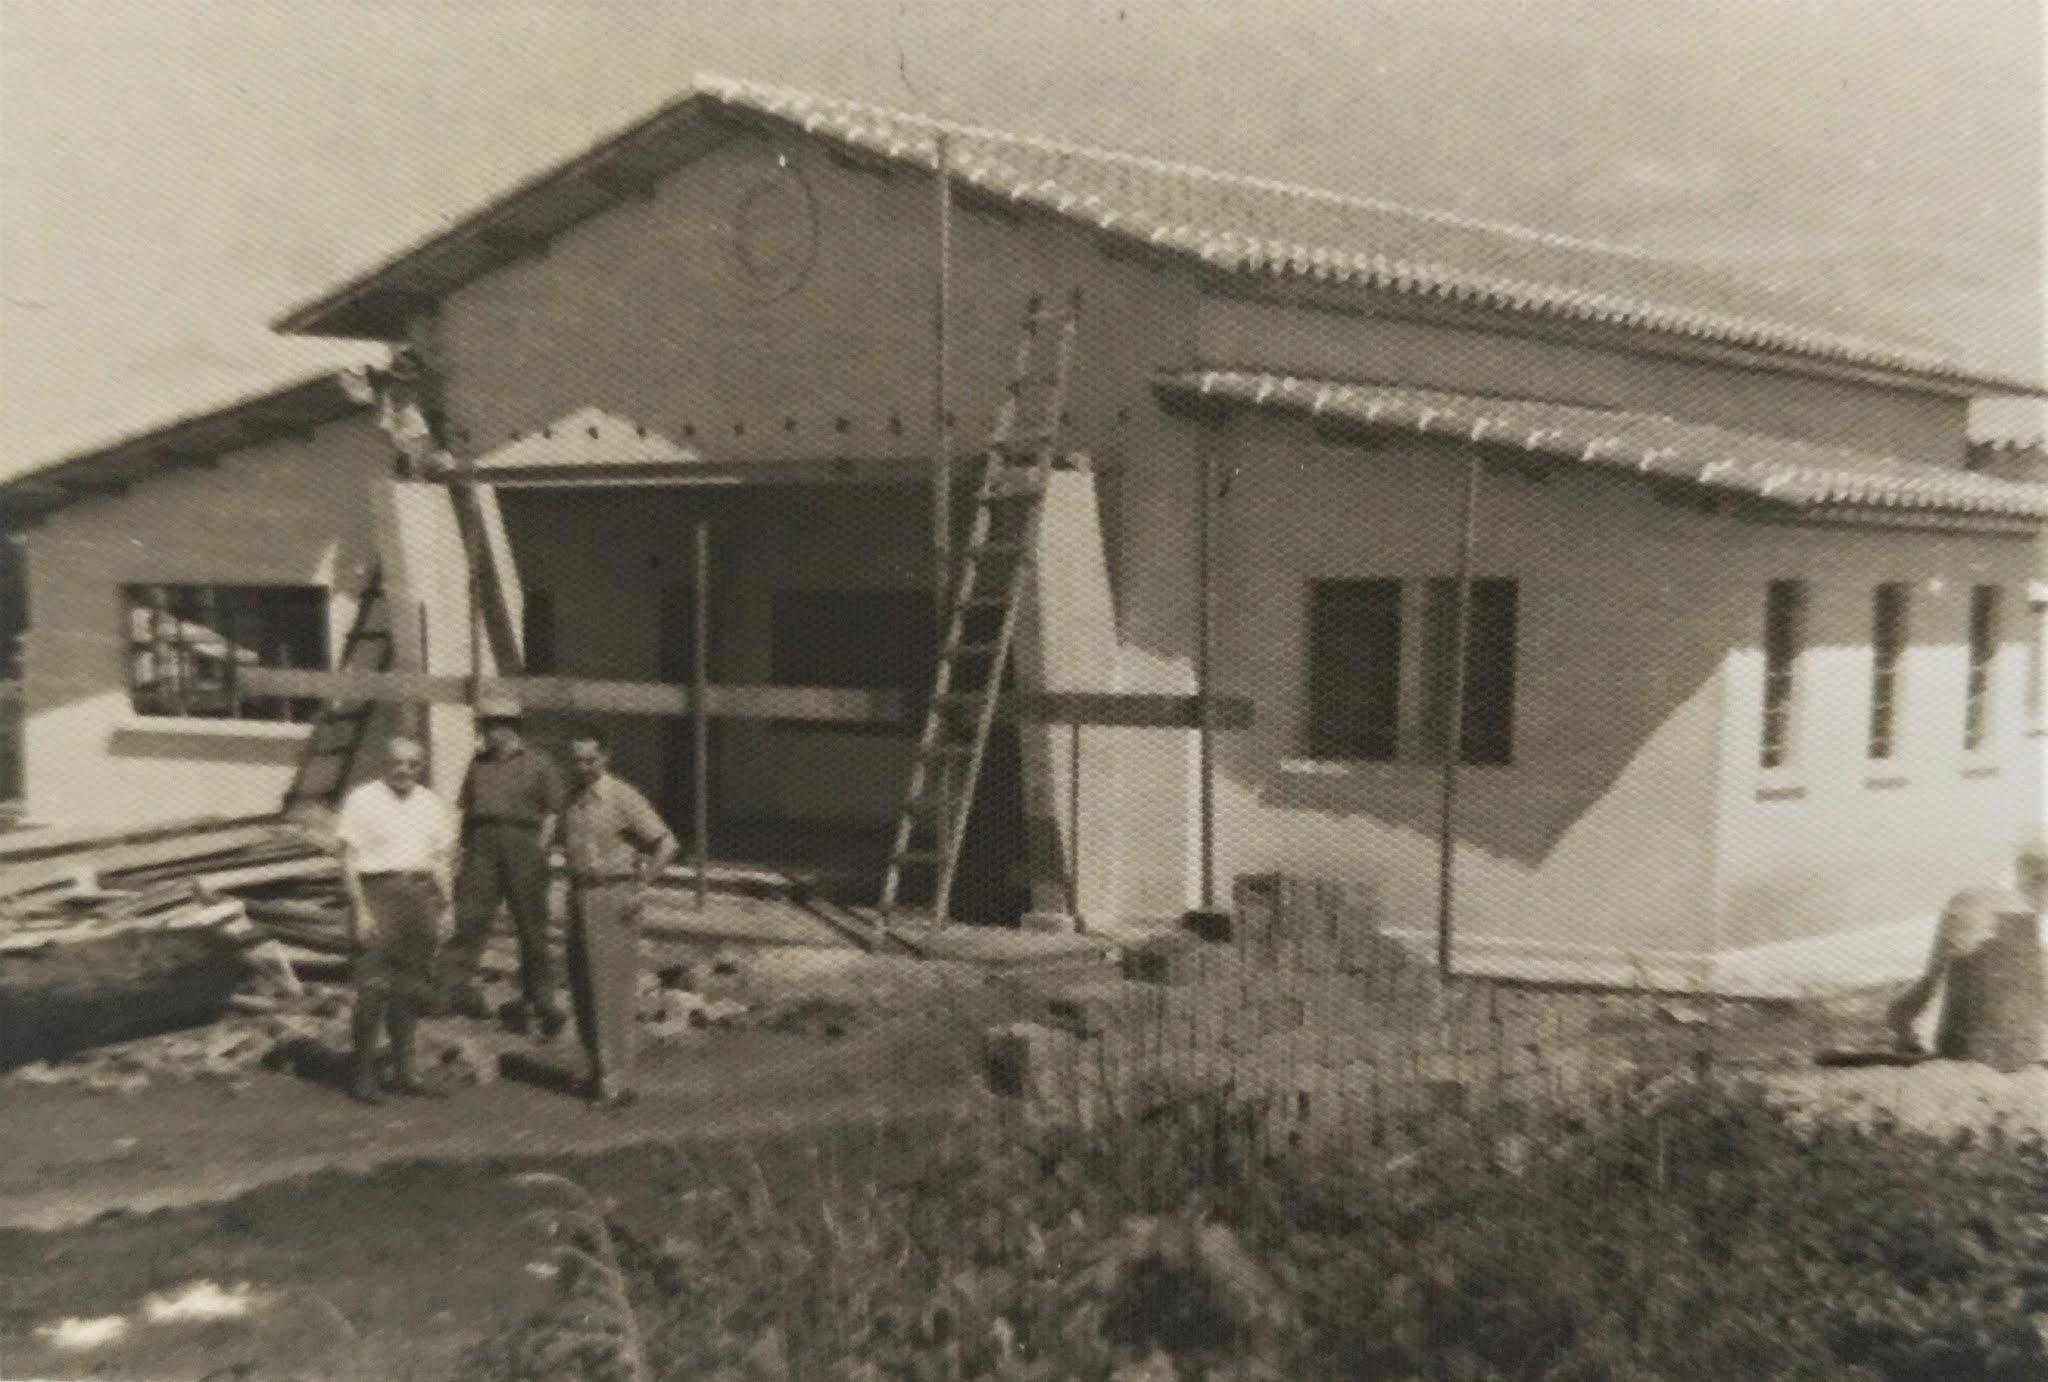 Lord Lovat em construção - Final da década de 1940